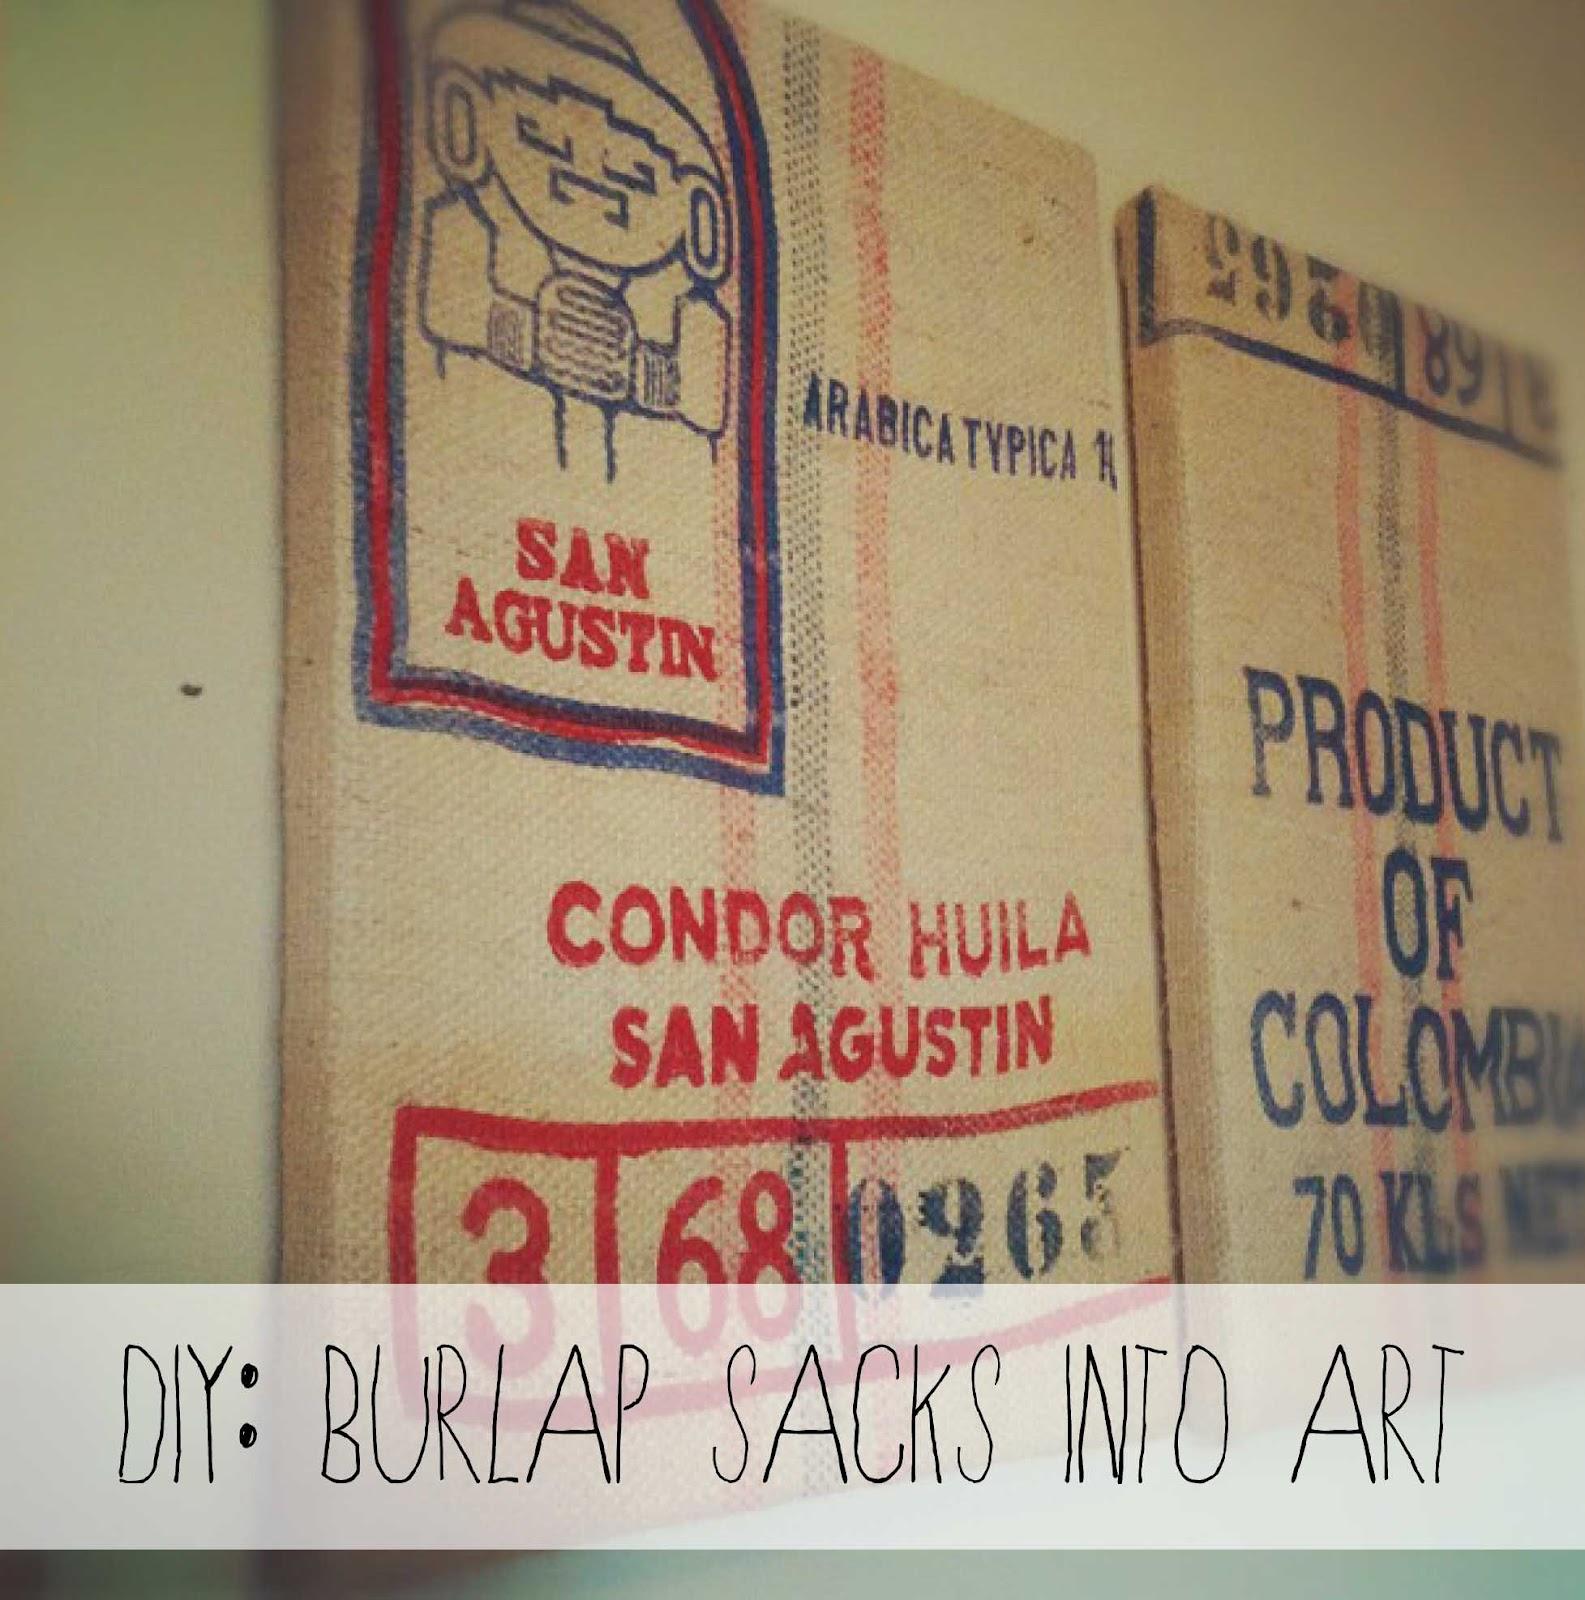 Diy Wall Art Burlap : Swallow s heart diy burlap sacks into art